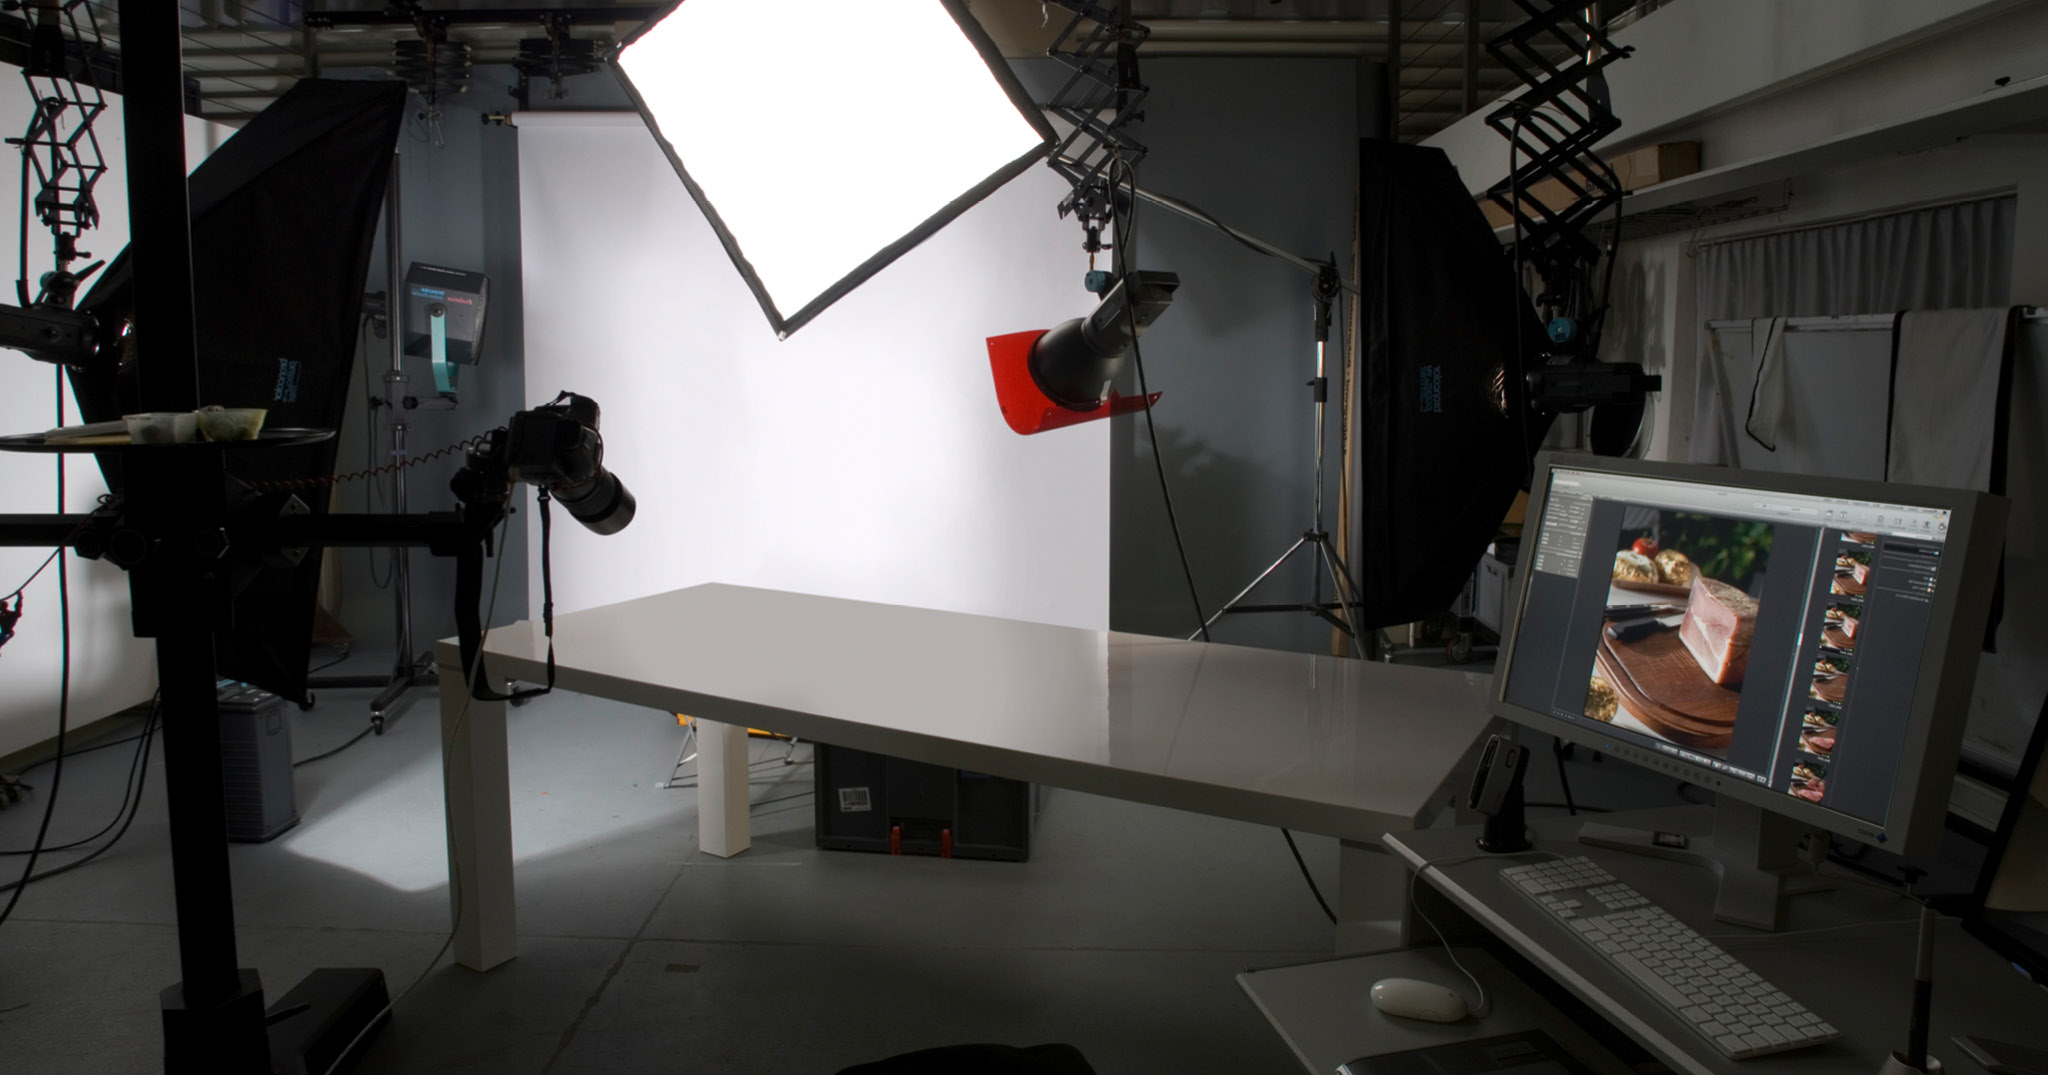 Fotostudio für Fotografie und Video spezialisiert auf Food